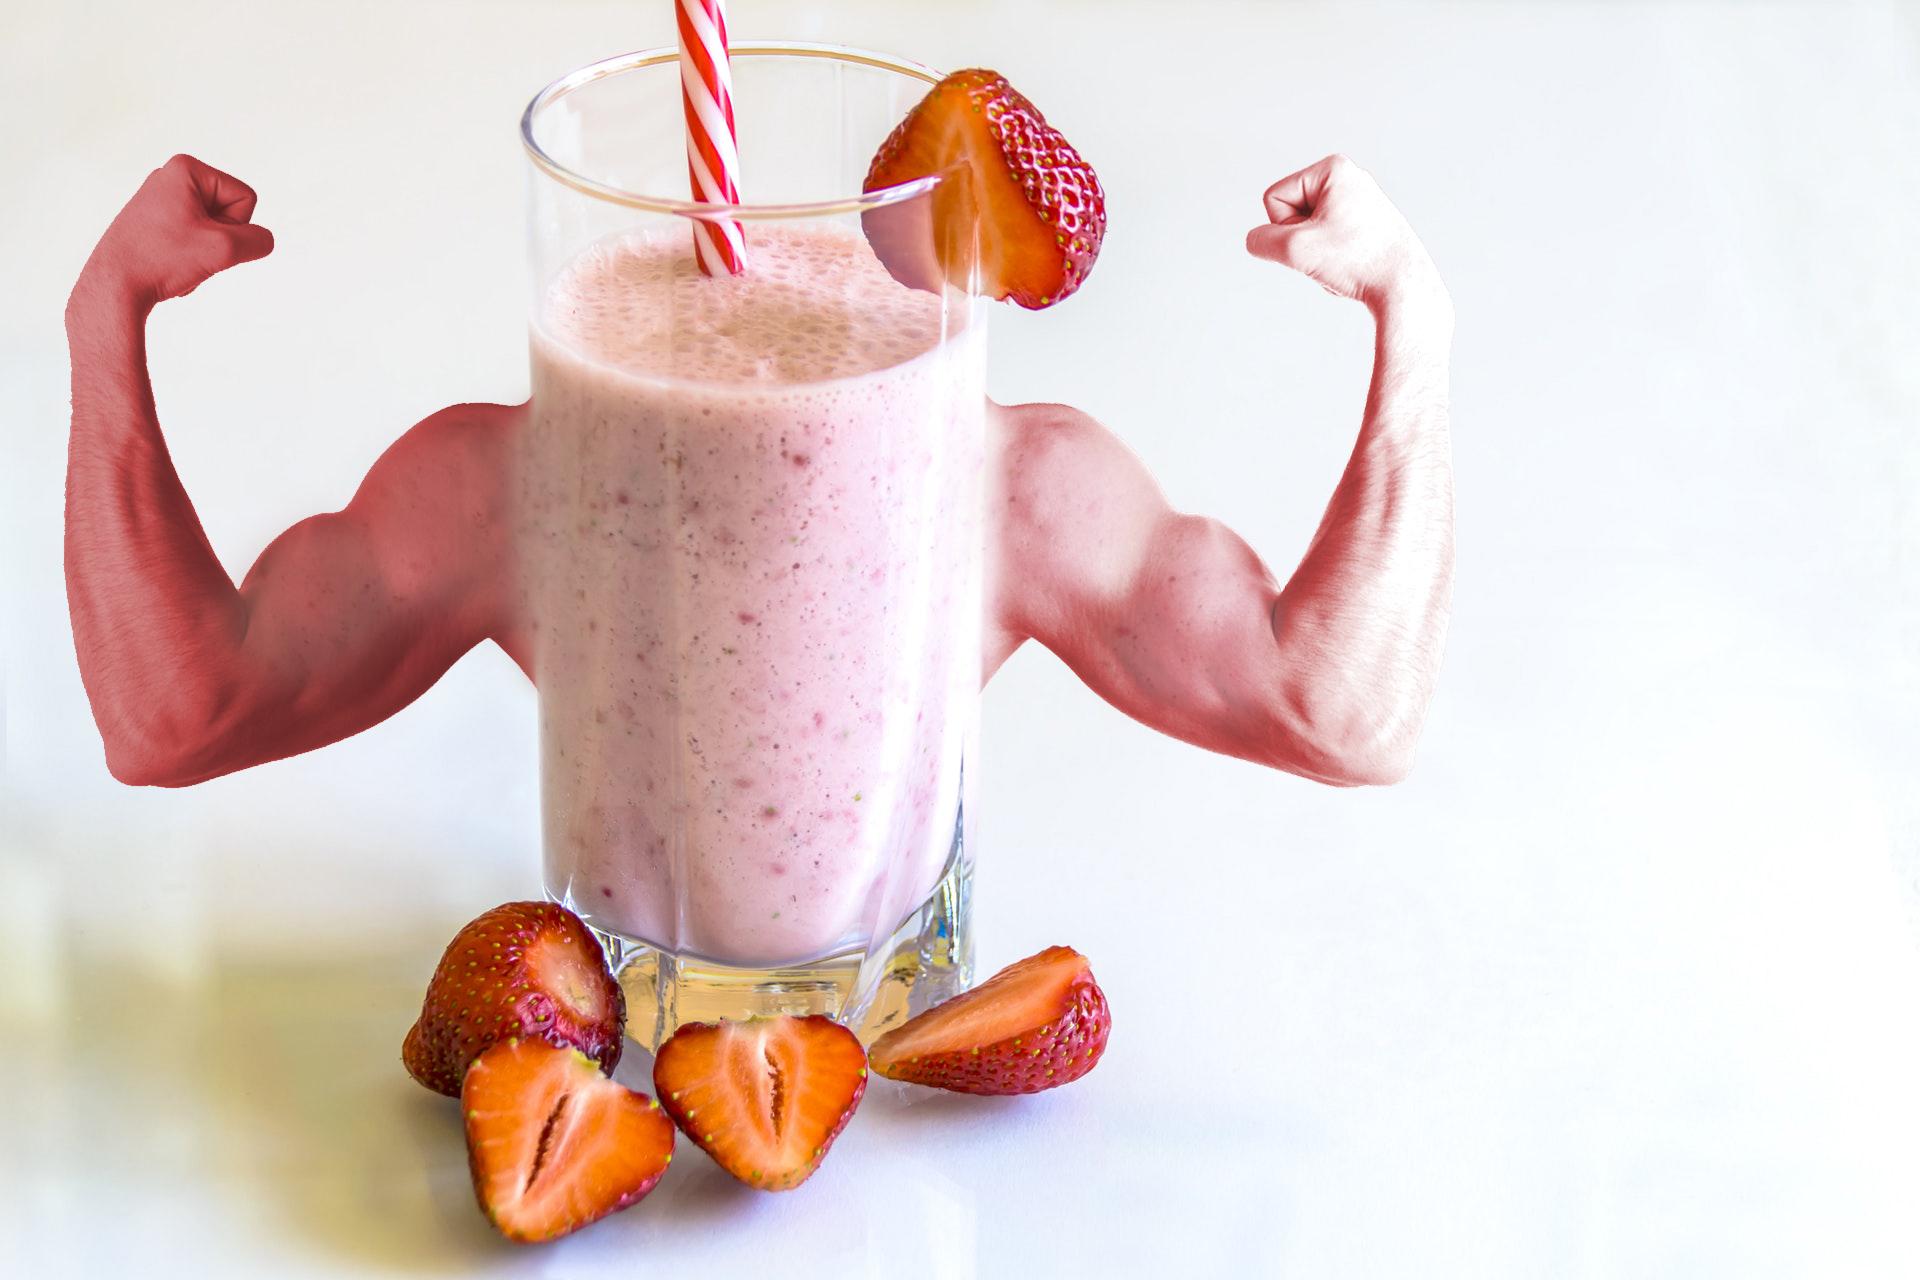 Batidorama, Tu Guía Para Preparar Batidos Nutritivos Para Ganar Músculo Sin Perder Tiempo